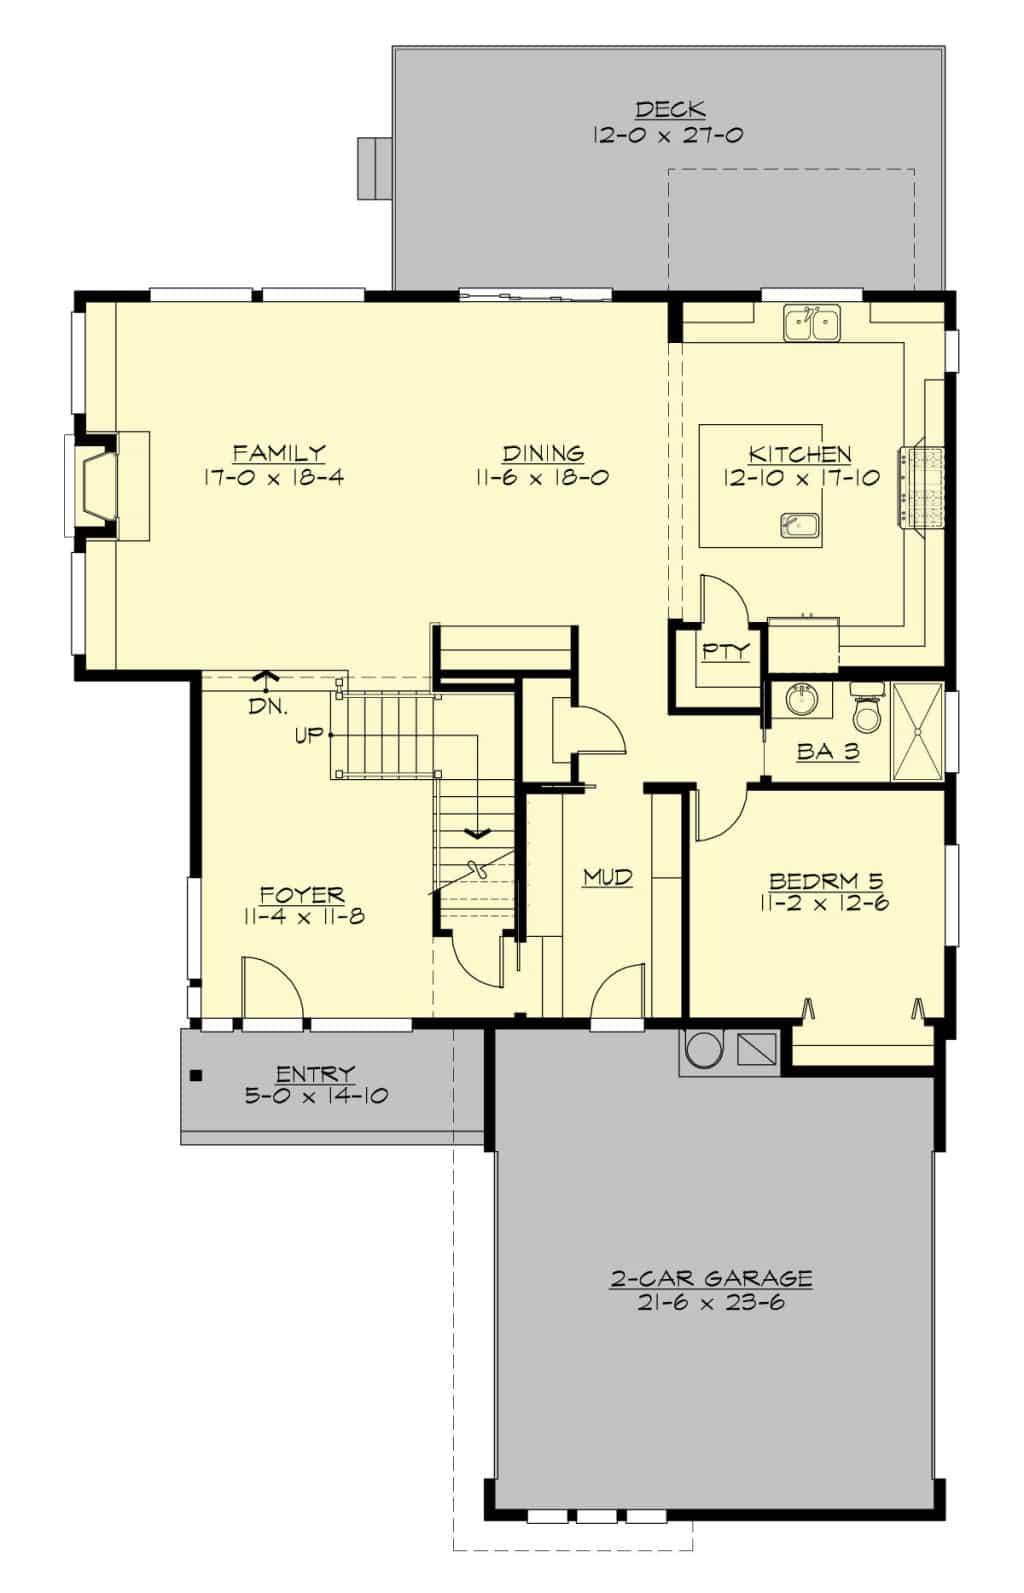 บ้านโมเดิร์น 2 ชั้น ดีไซน์เก๋ สวยสะดุดตา